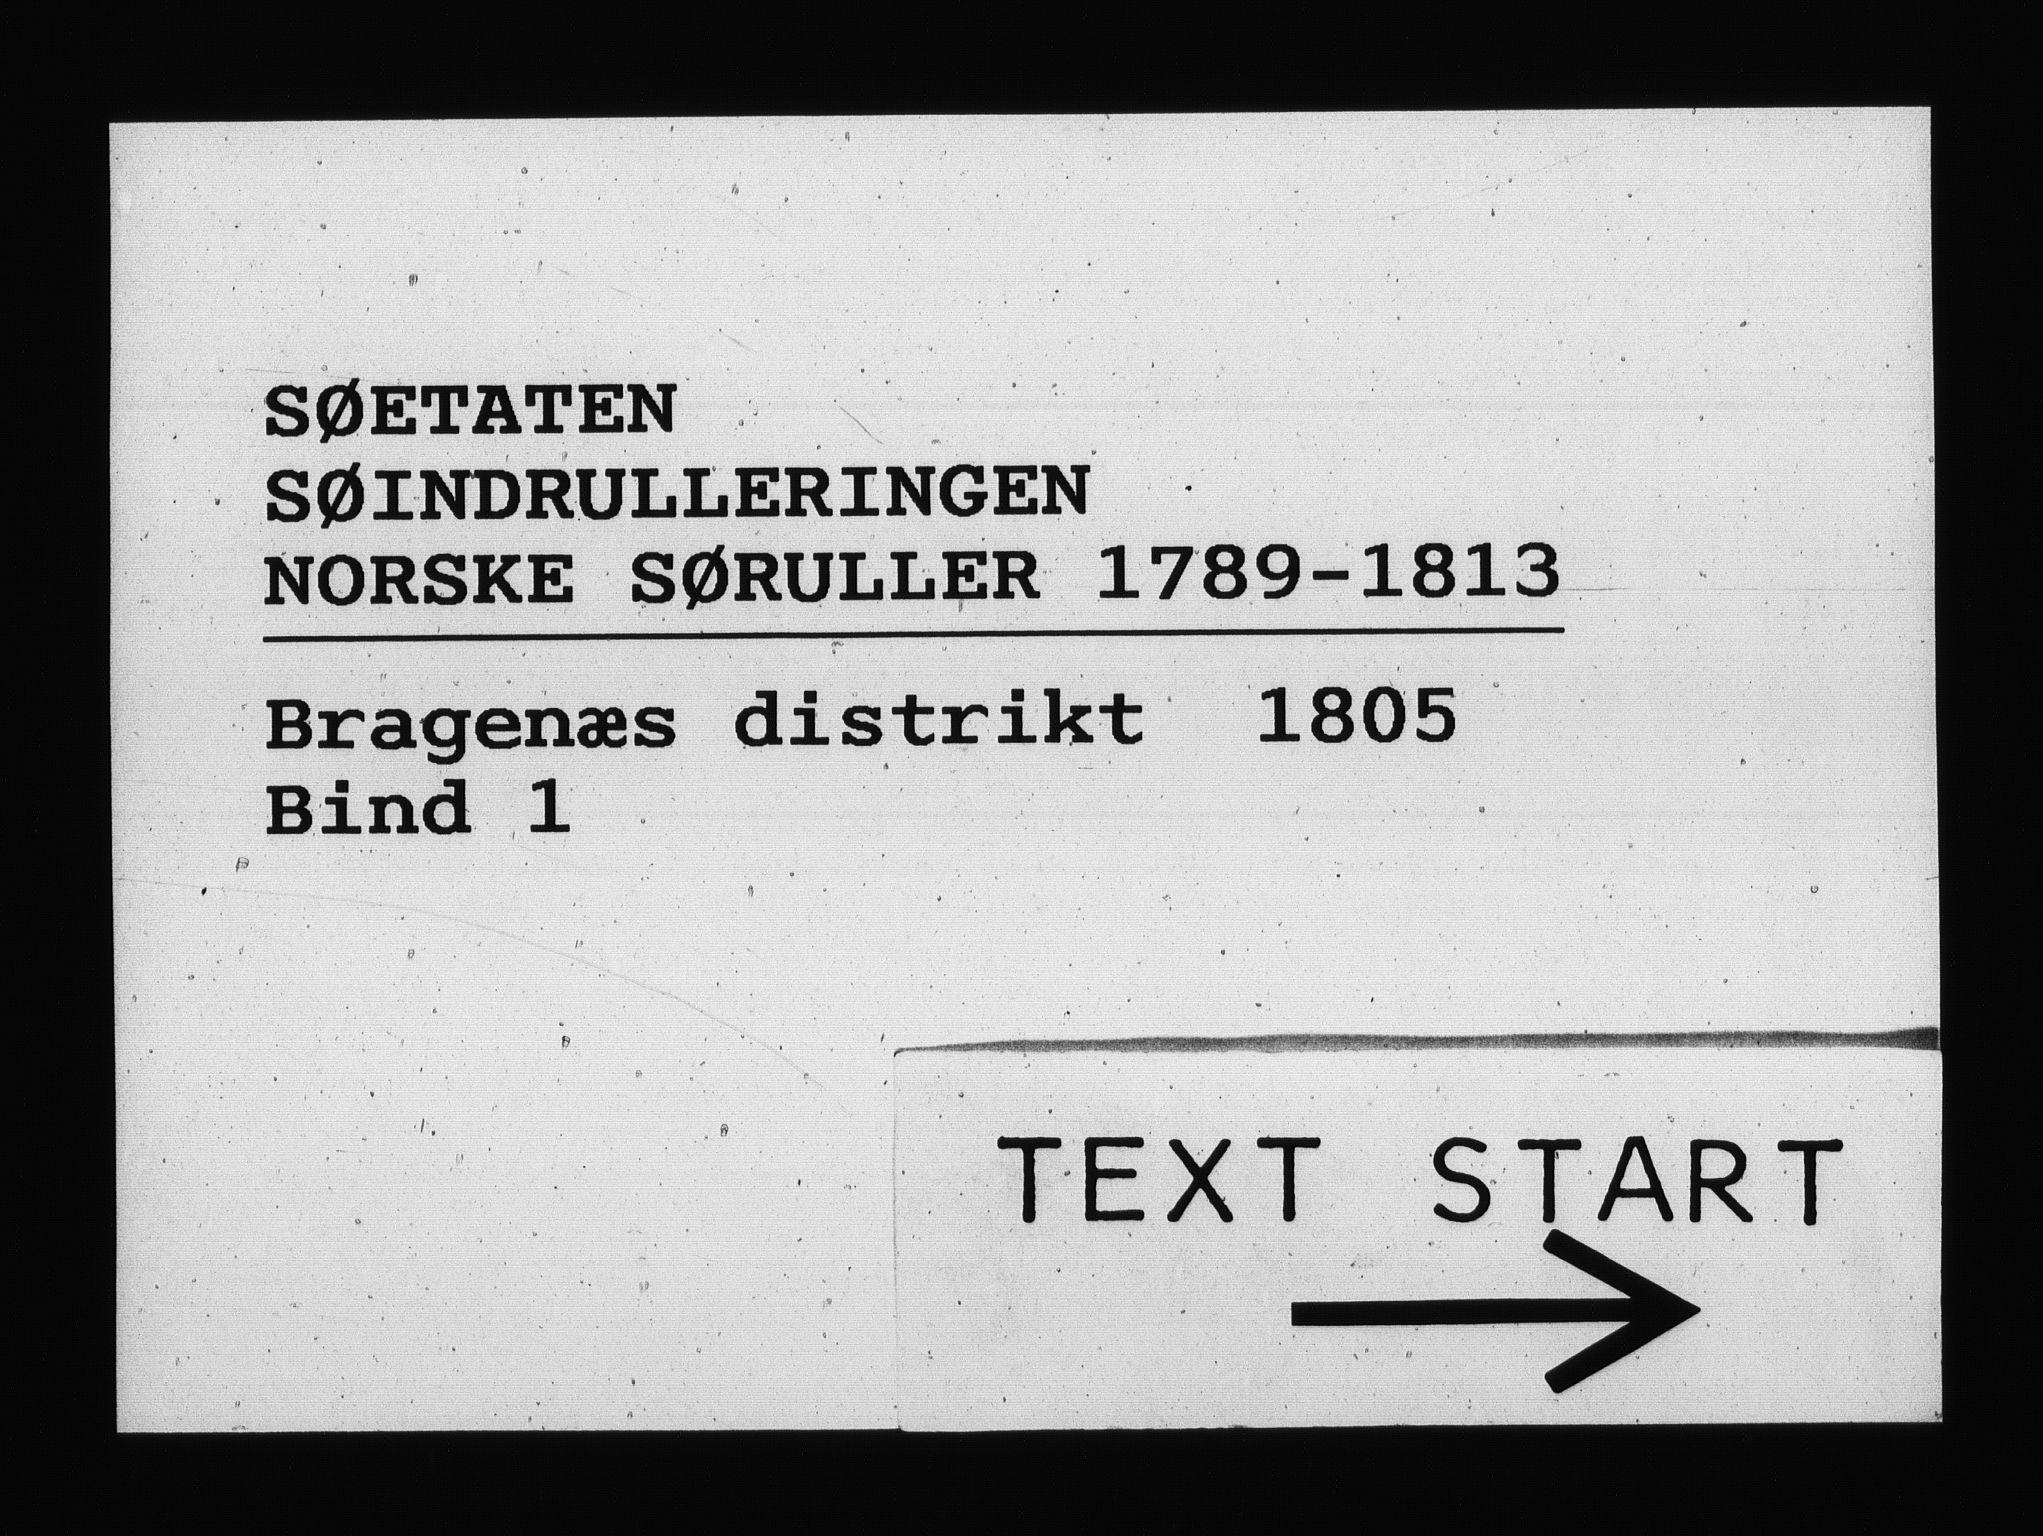 RA, Sjøetaten, F/L0147: Bragernes distrikt, bind 1, 1805